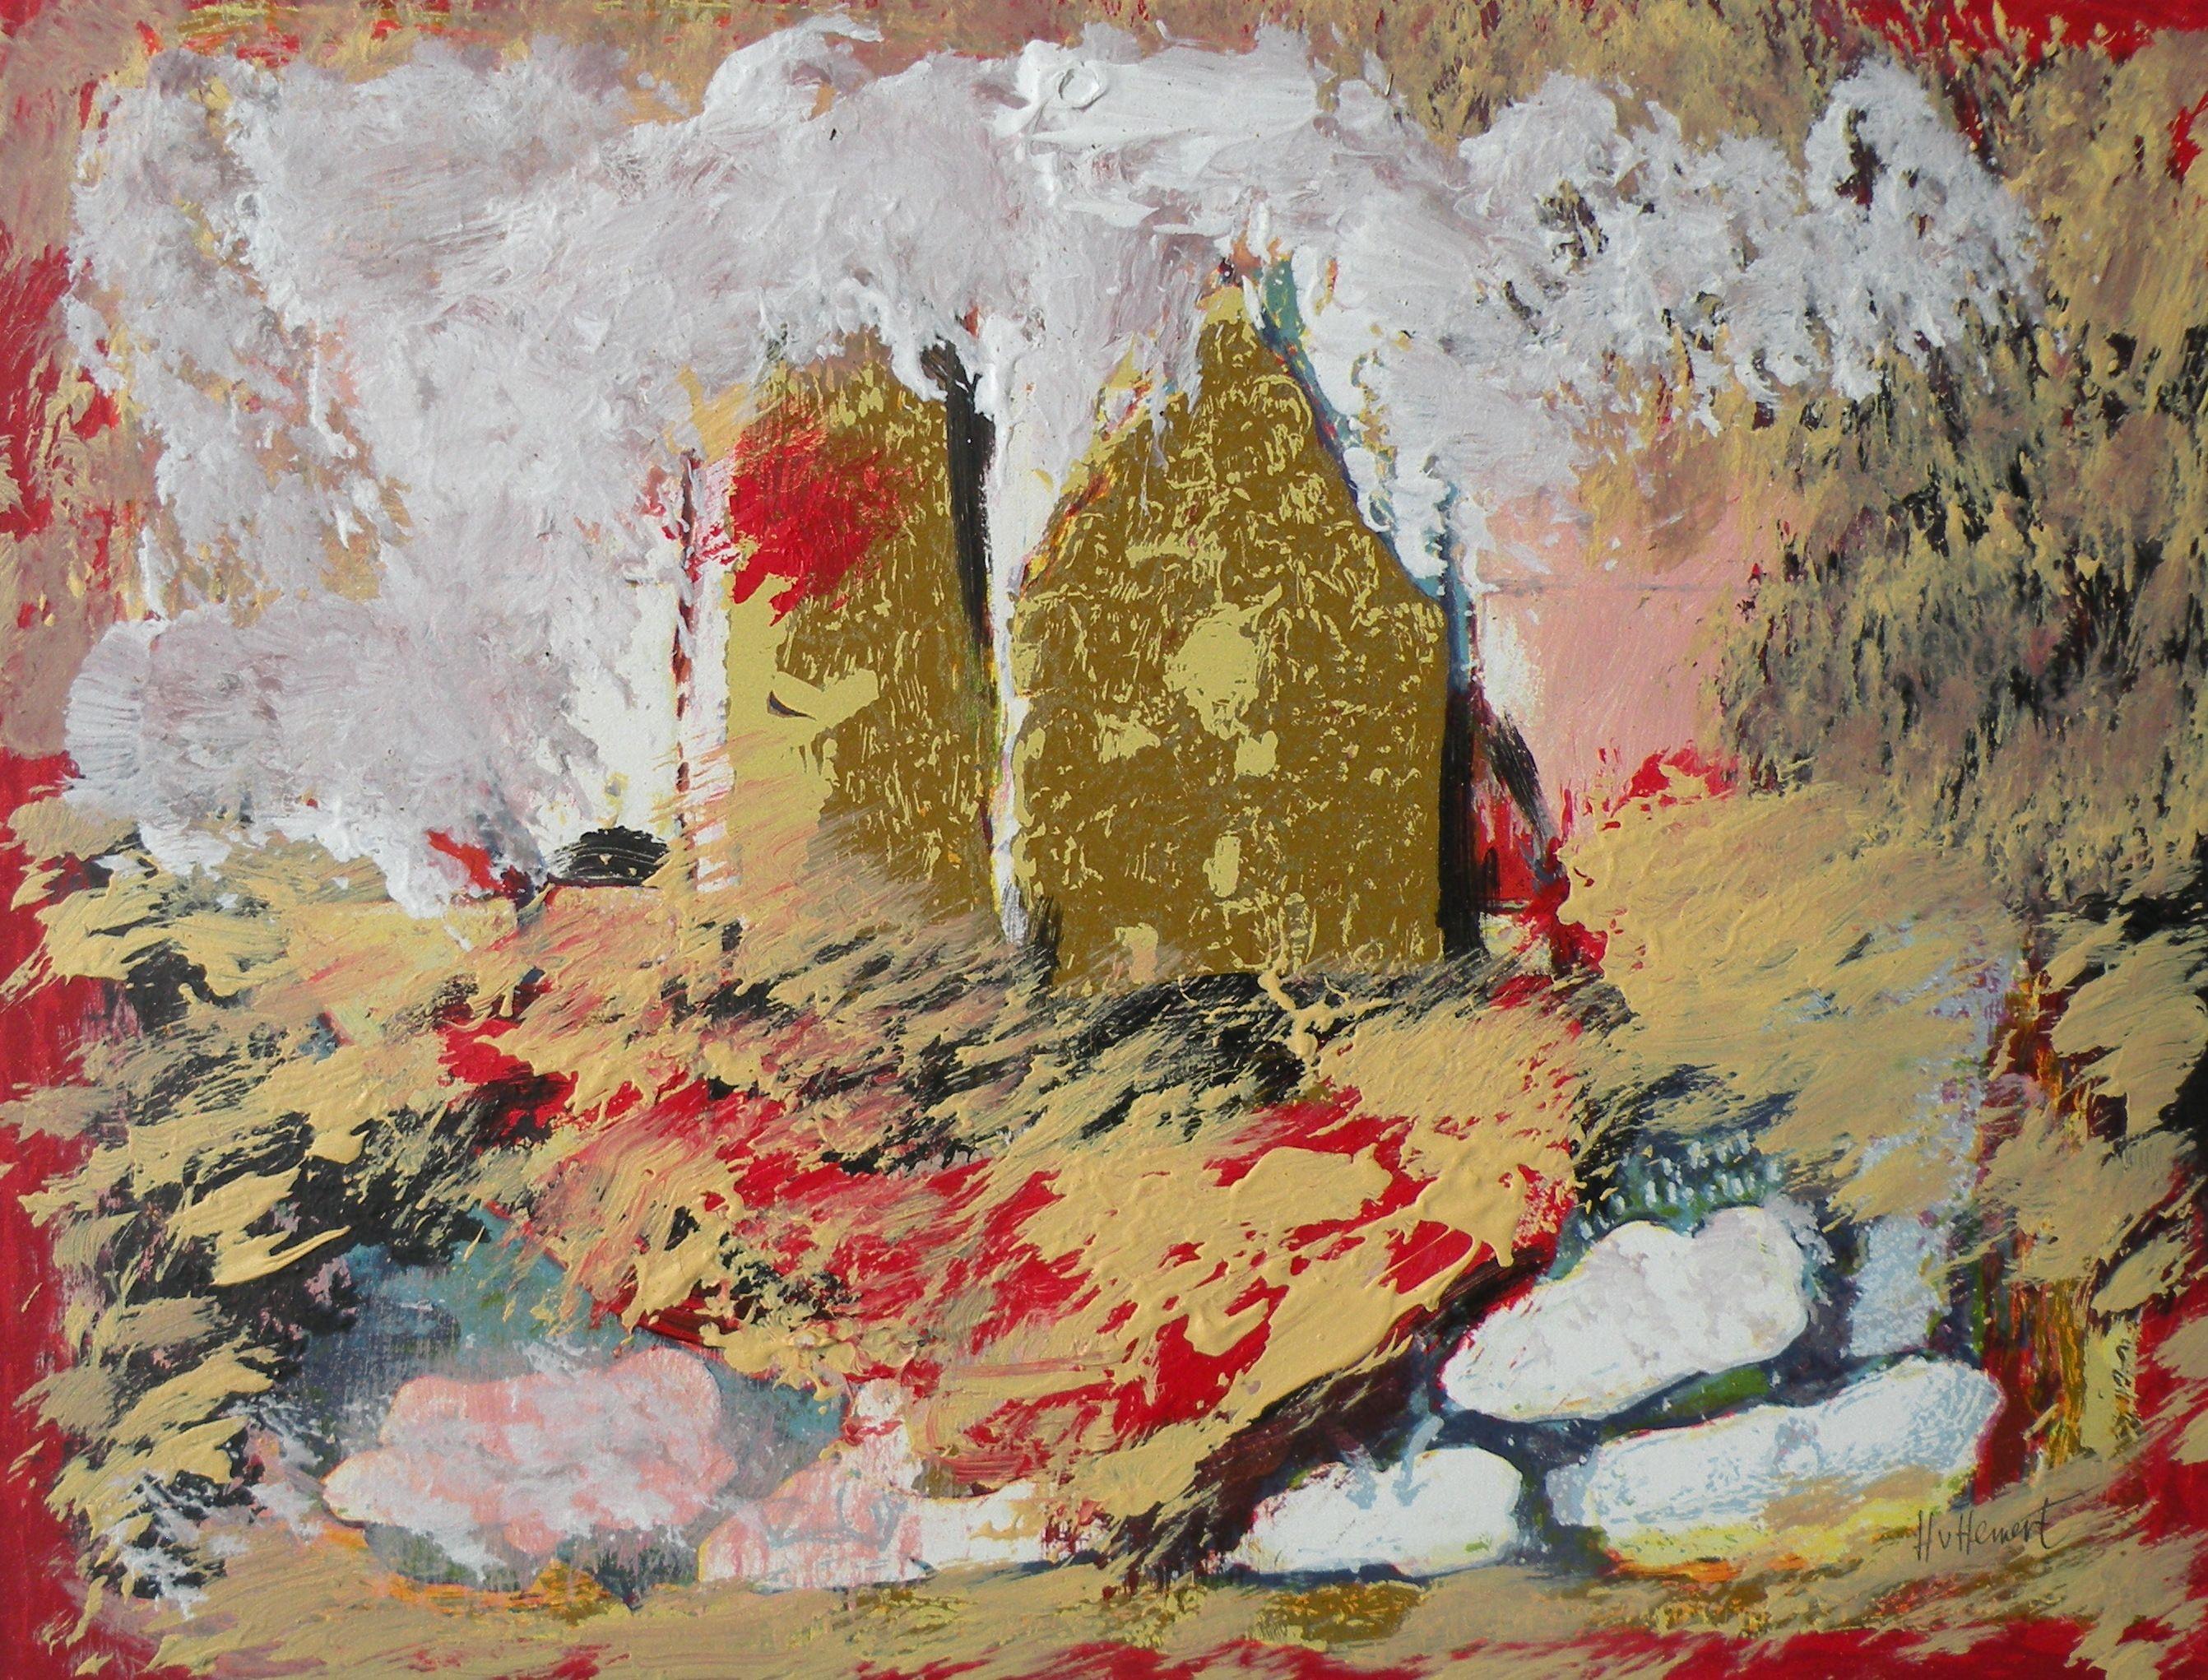 Henk van Hemert - My home is my castle